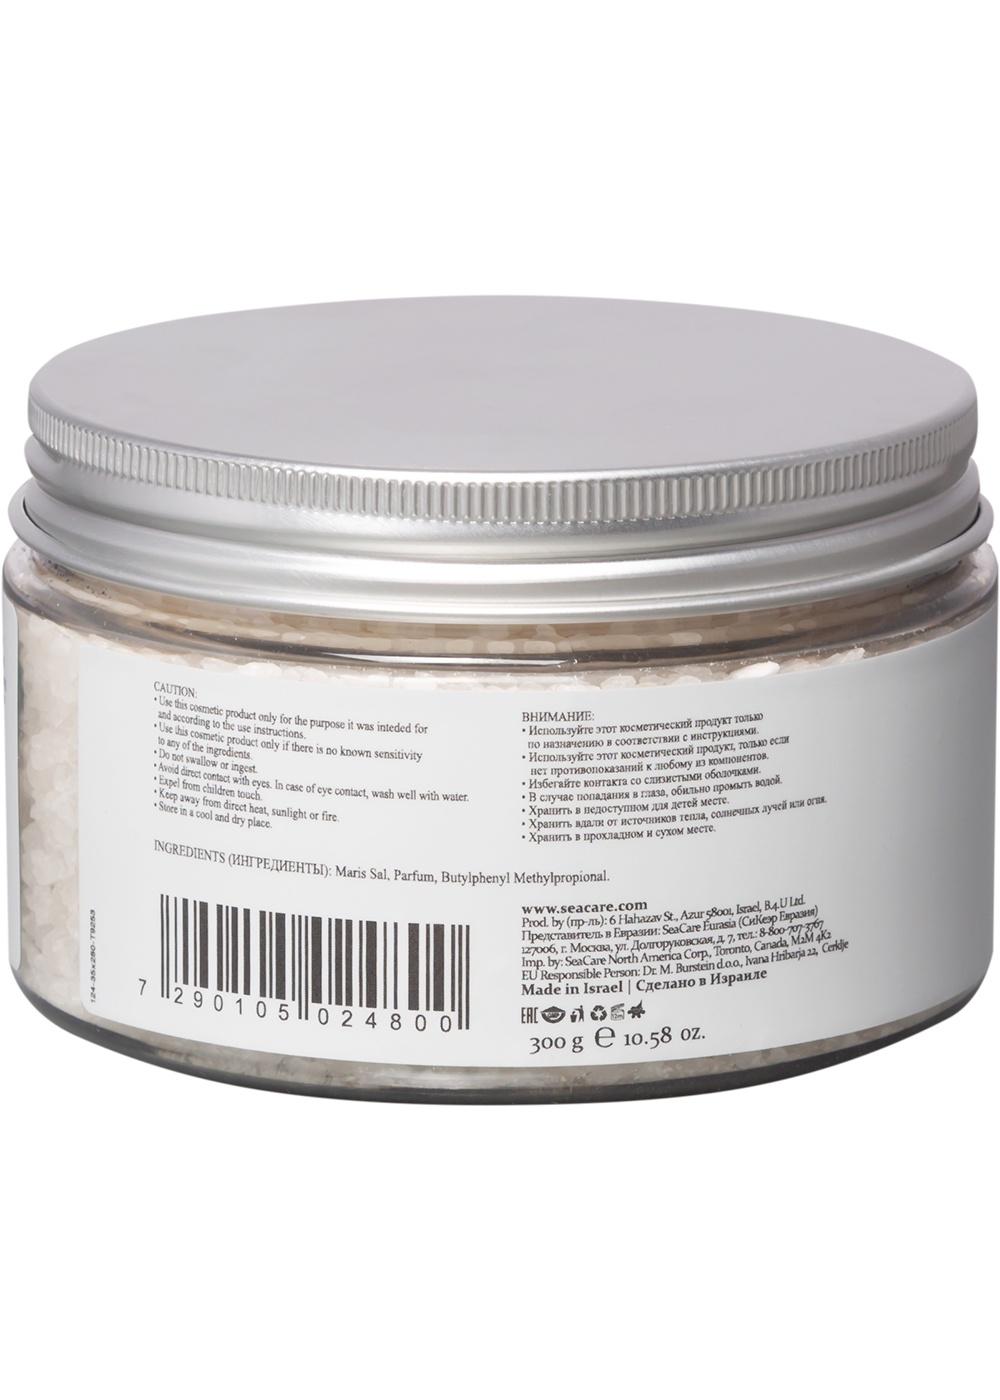 Соль для ванны SeaCare Расслабляющая Мертвого Моря для ванны с восстанавливающим и успокаивающим эффектом, 300 гр, 300 SeaCare